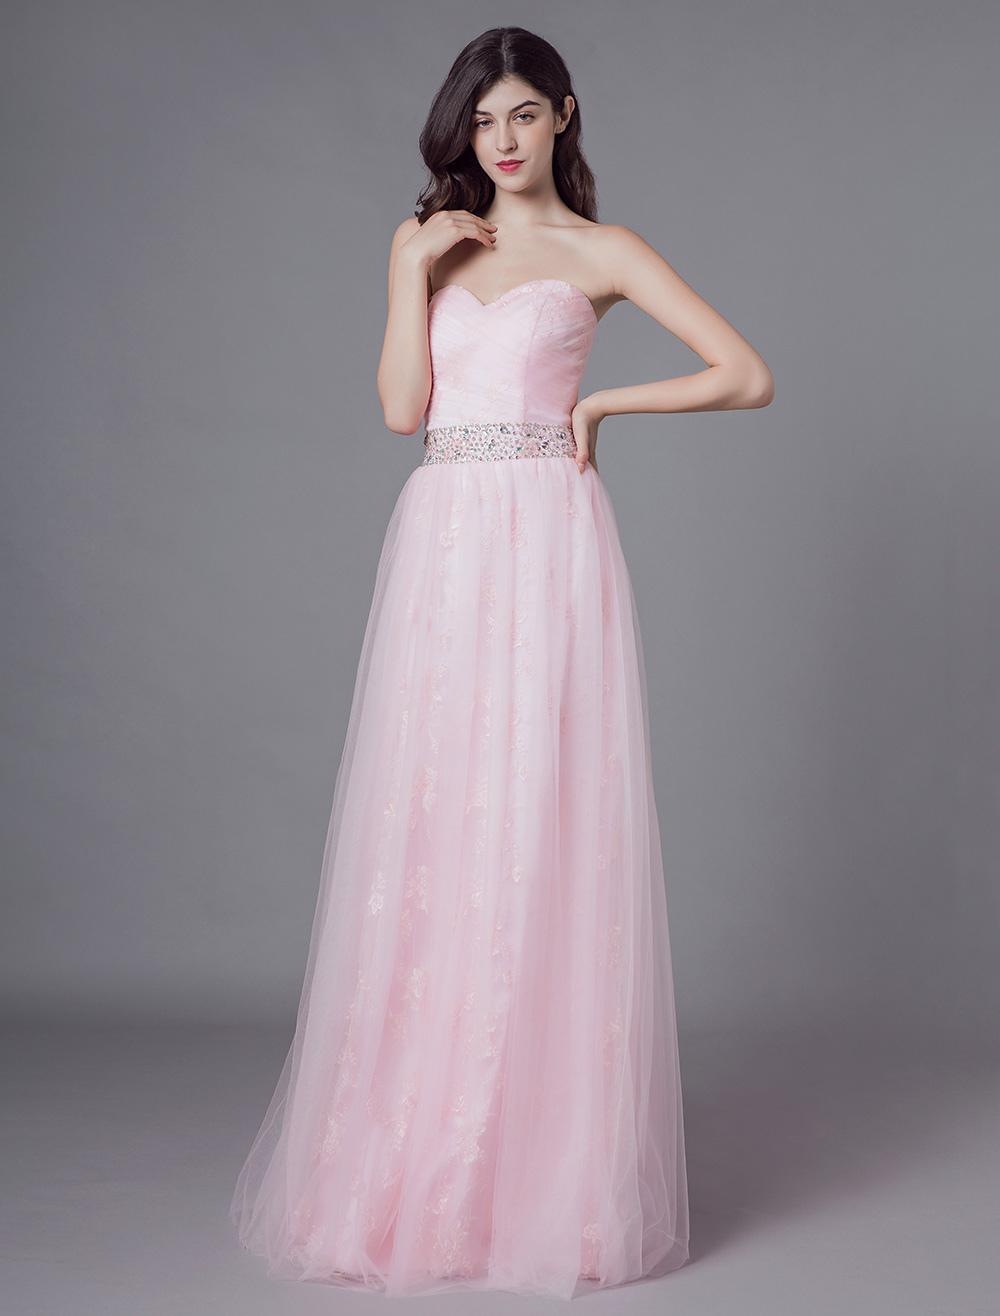 e9772e6a74b4 Abiti da sera Lungo Tulle Morbido rosa senza spalline Perline Maxi abito da  festa formale - Milanoo.com